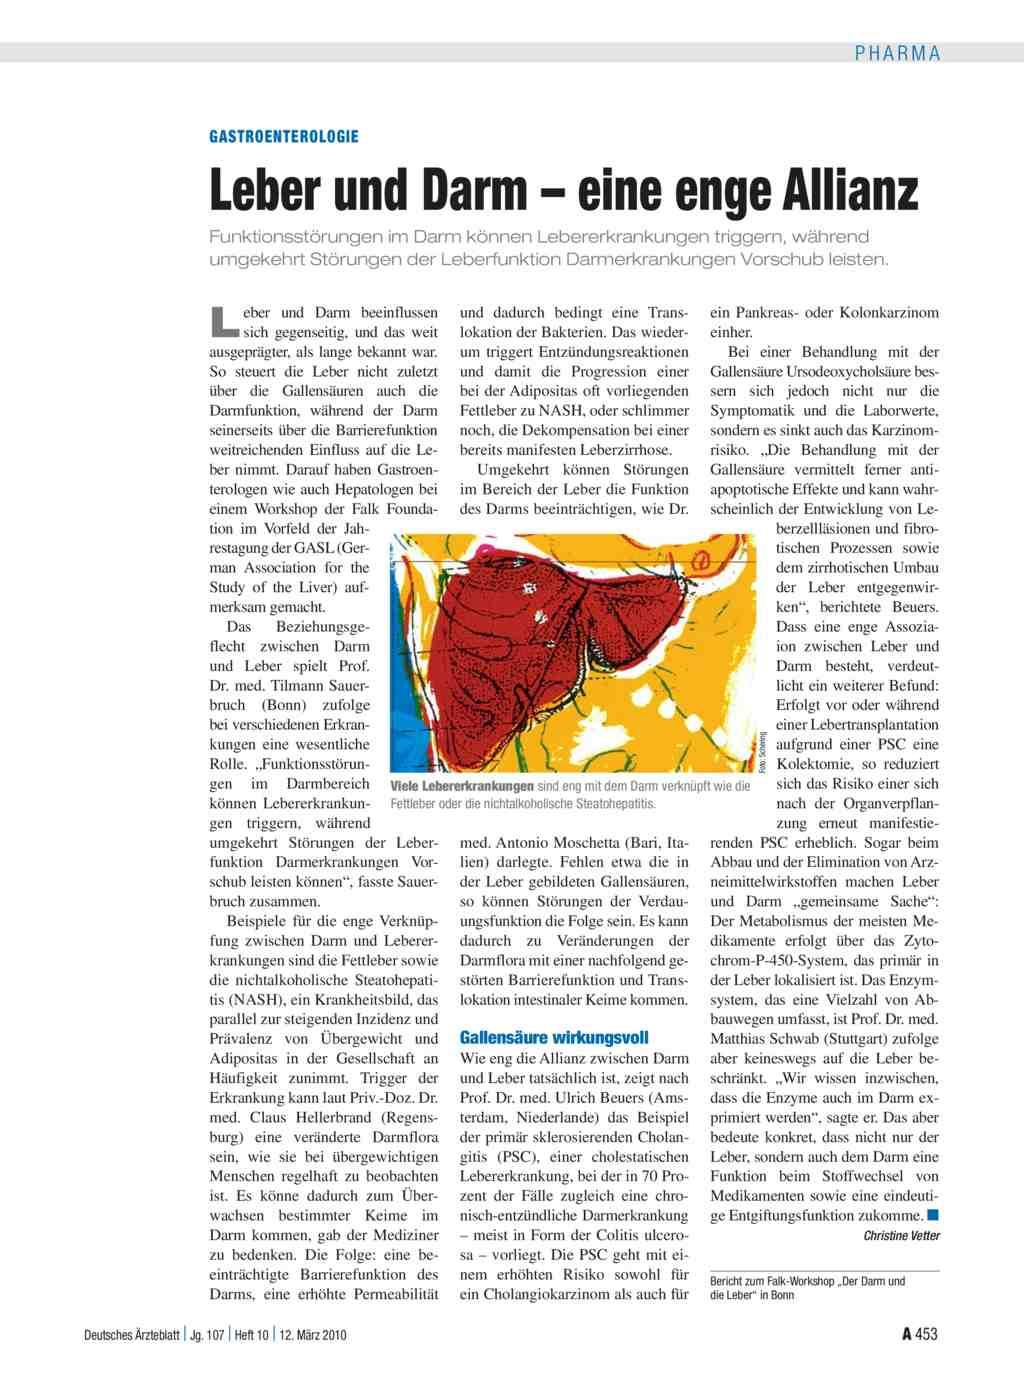 Gastroenterologie: Leber und Darm – eine enge Allianz